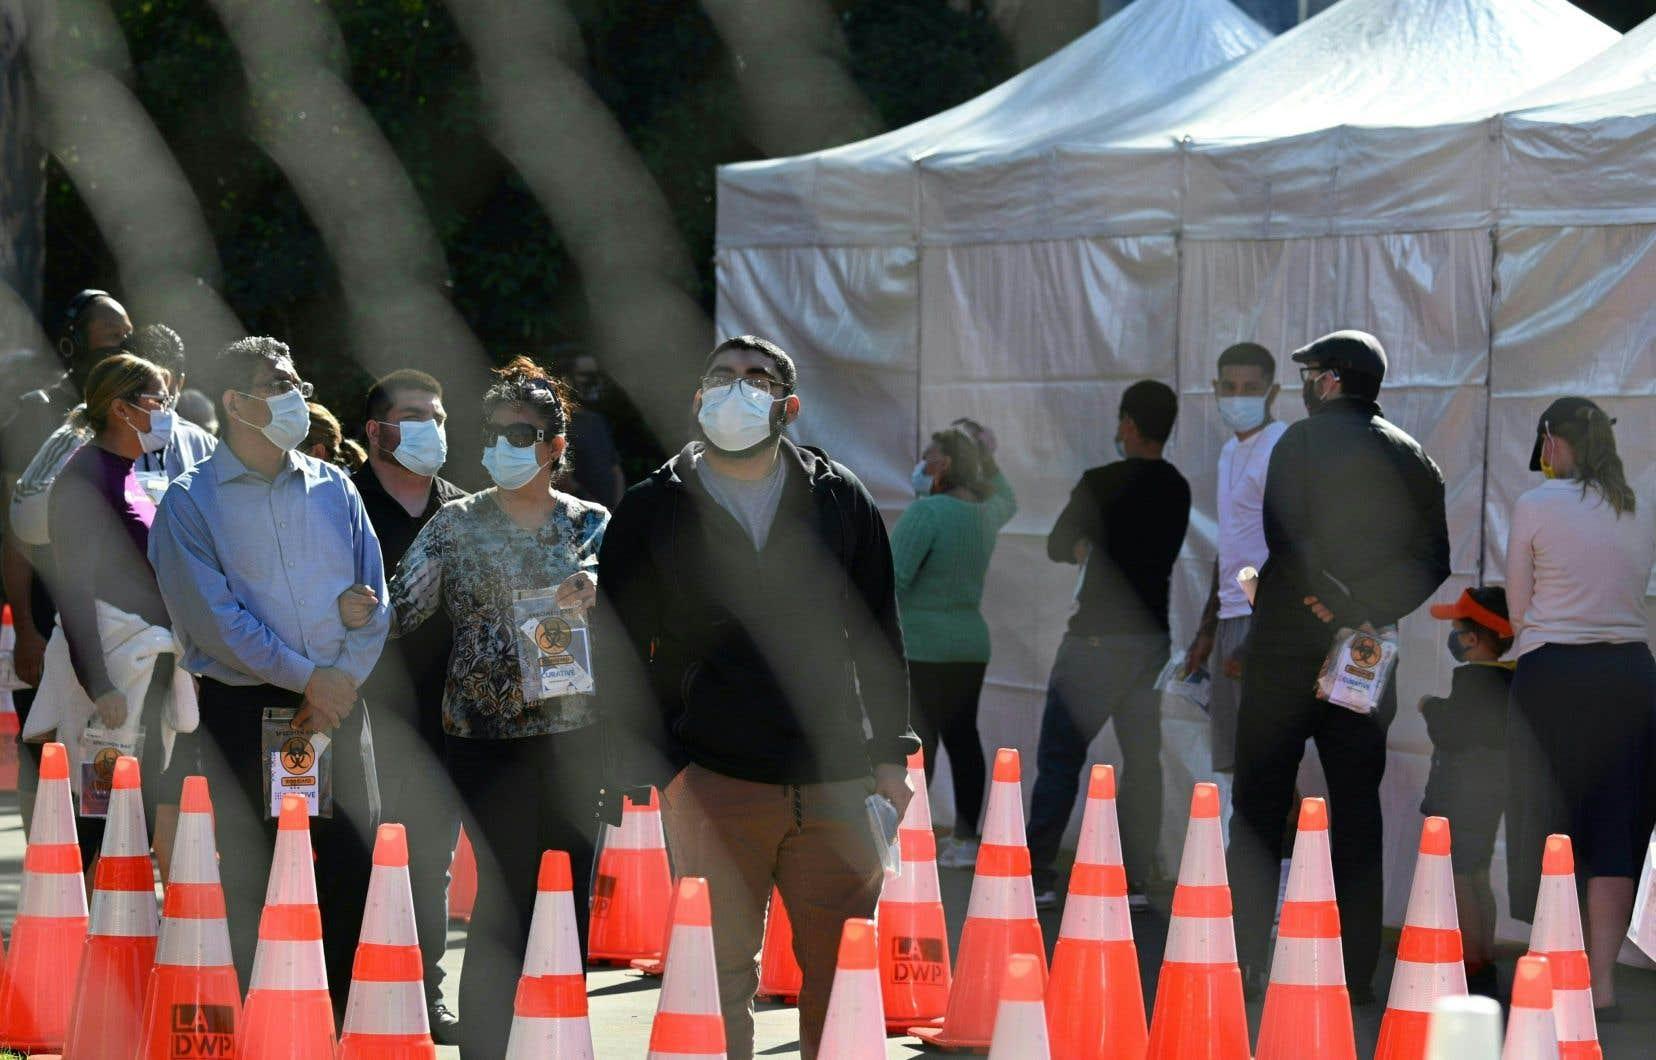 <p>La Californie a enregistré un record dans les contaminations alors que les États-Unis sont le pays le plus endeuillé du monde avec près de 260000 morts, dont 2000 nouveaux décès mardi.</p>